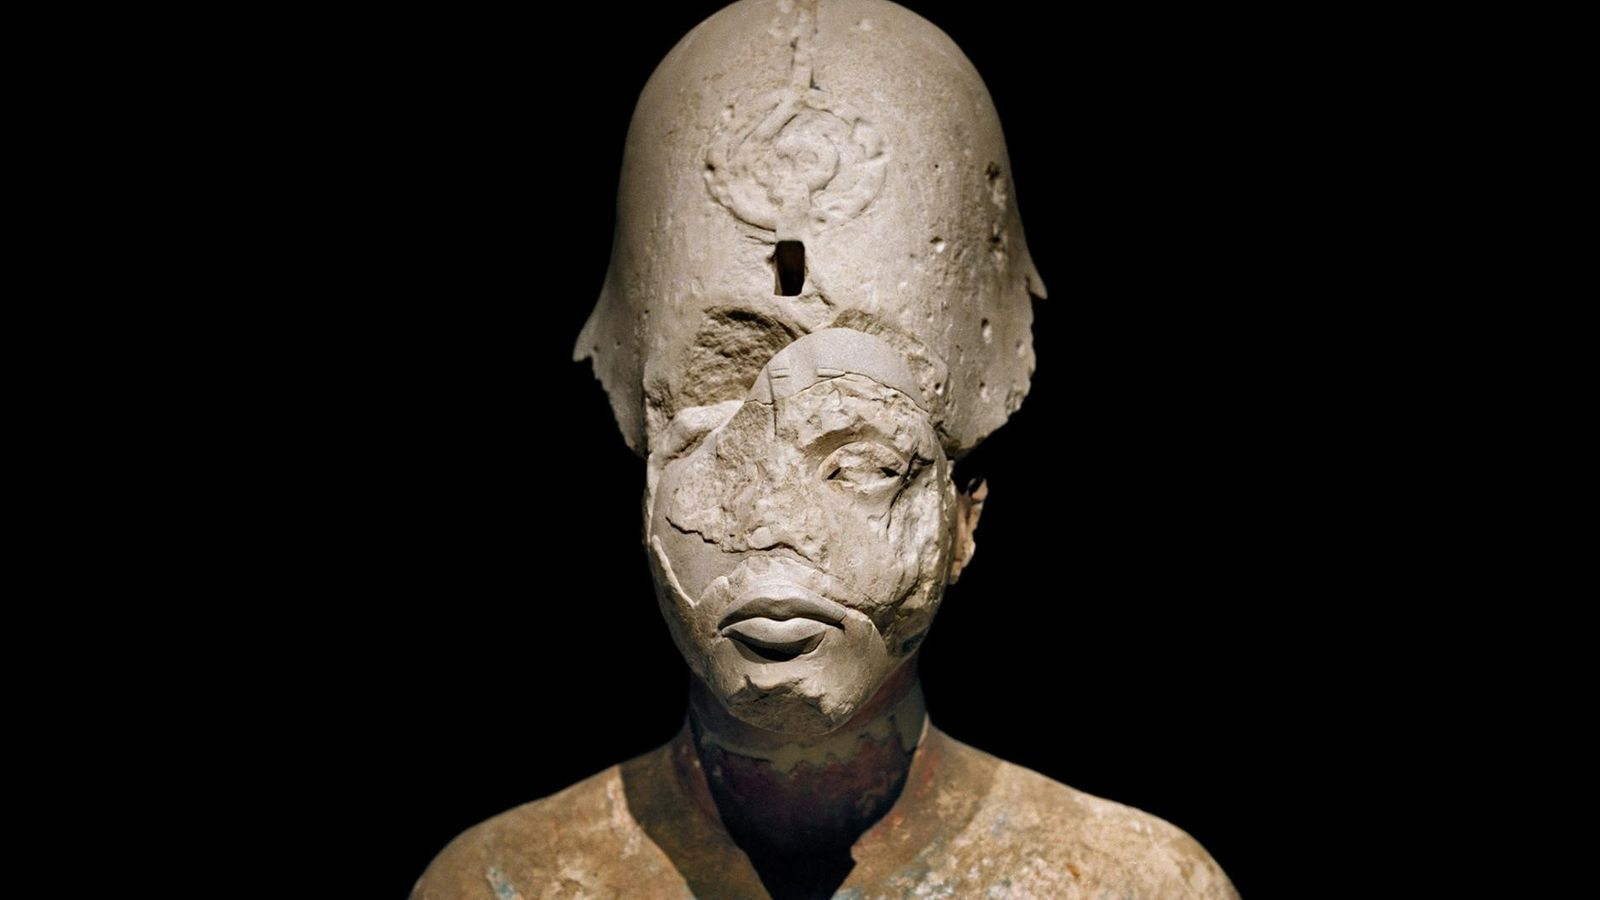 Exposé dans le Neues Museum, à Berlin, le buste d'Akhenaton porte les stigmates de l'art moderne ...